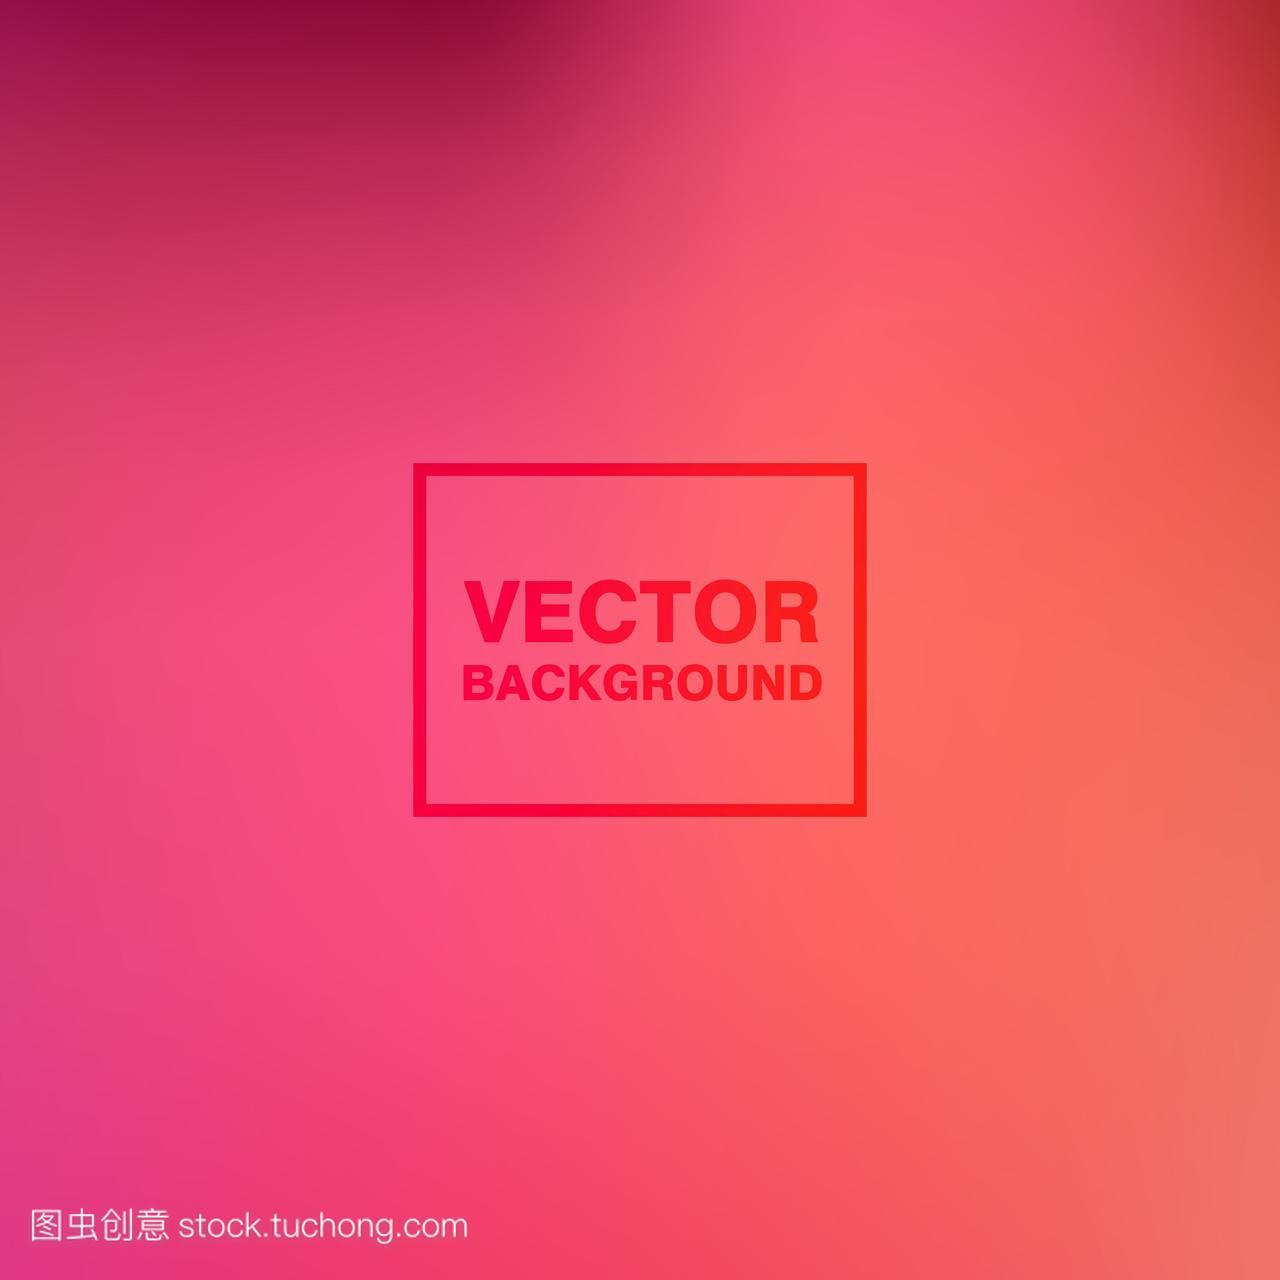 抽象矢量模糊背景网站。彩色,展示或海报设计荷兰室内设计怎么样图片